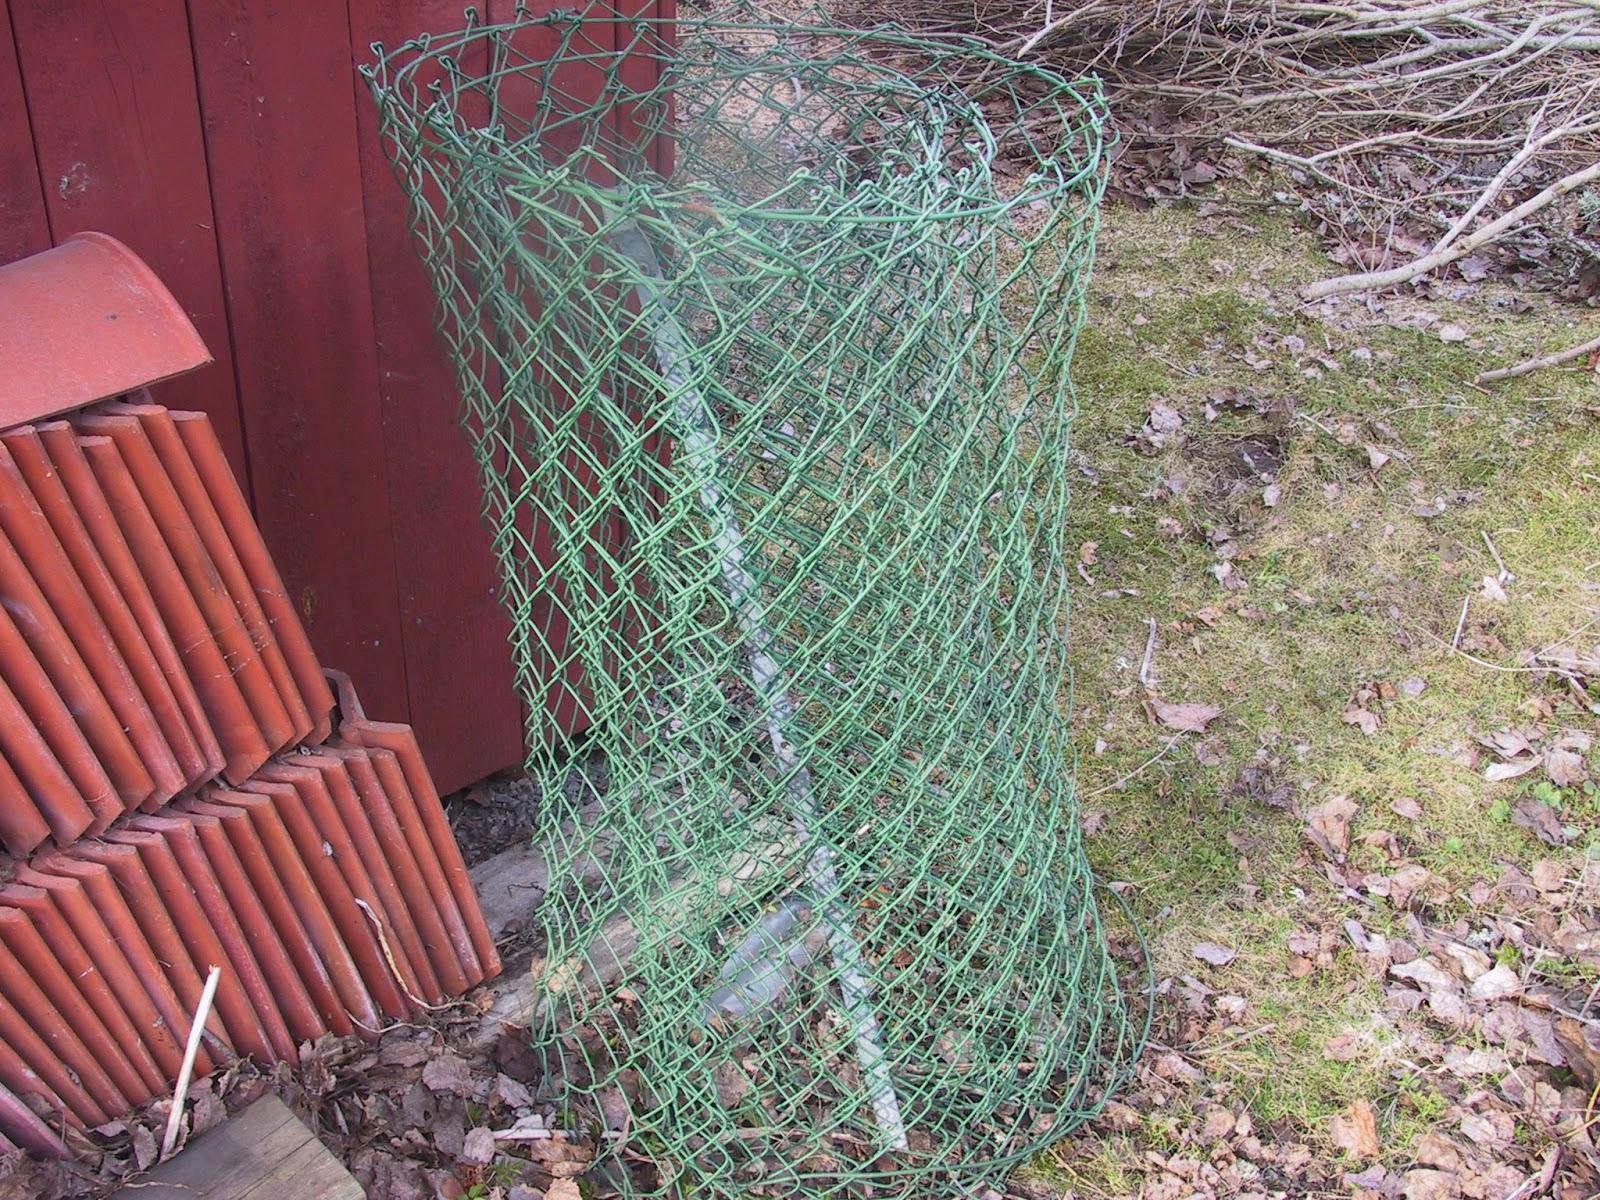 Miljötankar: Återbruk av staket och återbruk i allmänhet